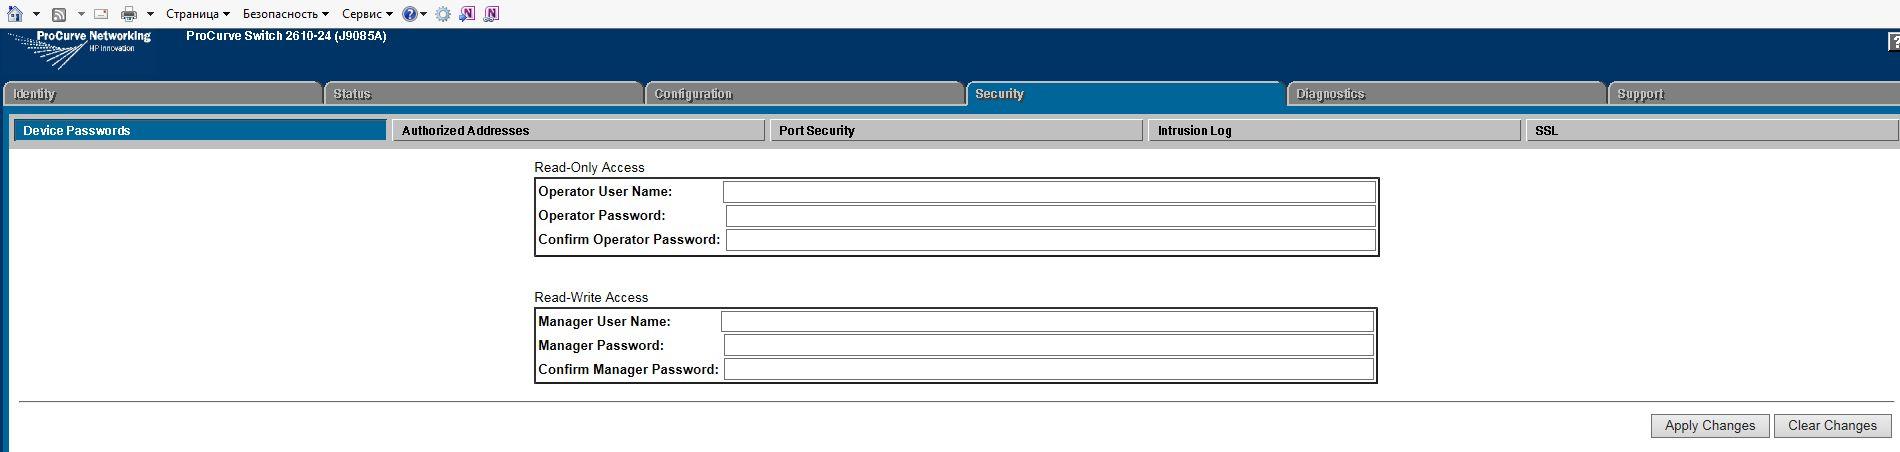 Коммутатор HP ProCurve Switch 2610-24 — statlib tpu ru